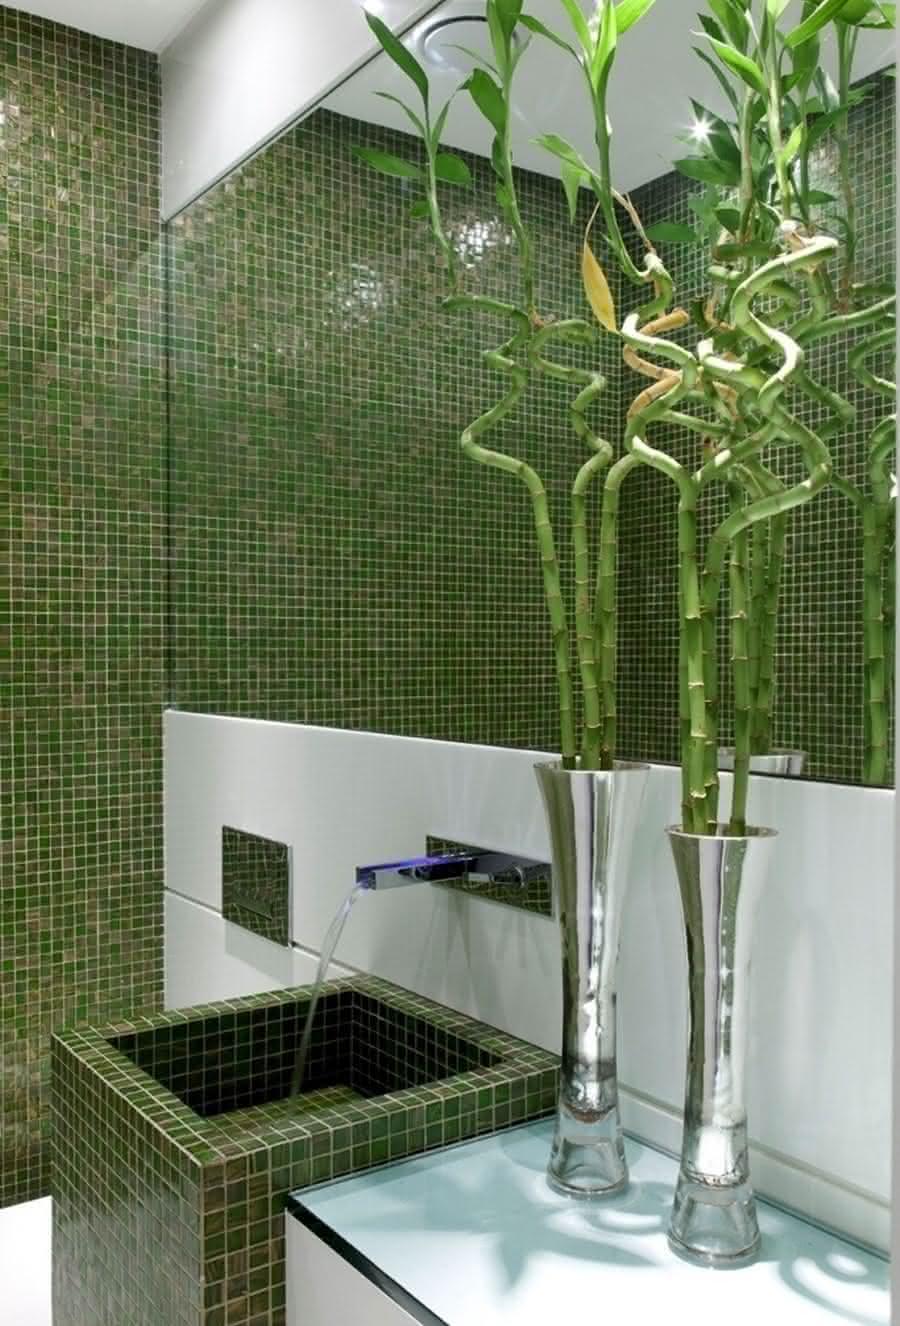 decorar banheiro muito pequeno – Doitricom # Fotos De Decoracao De Banheiros Muito Pequenos